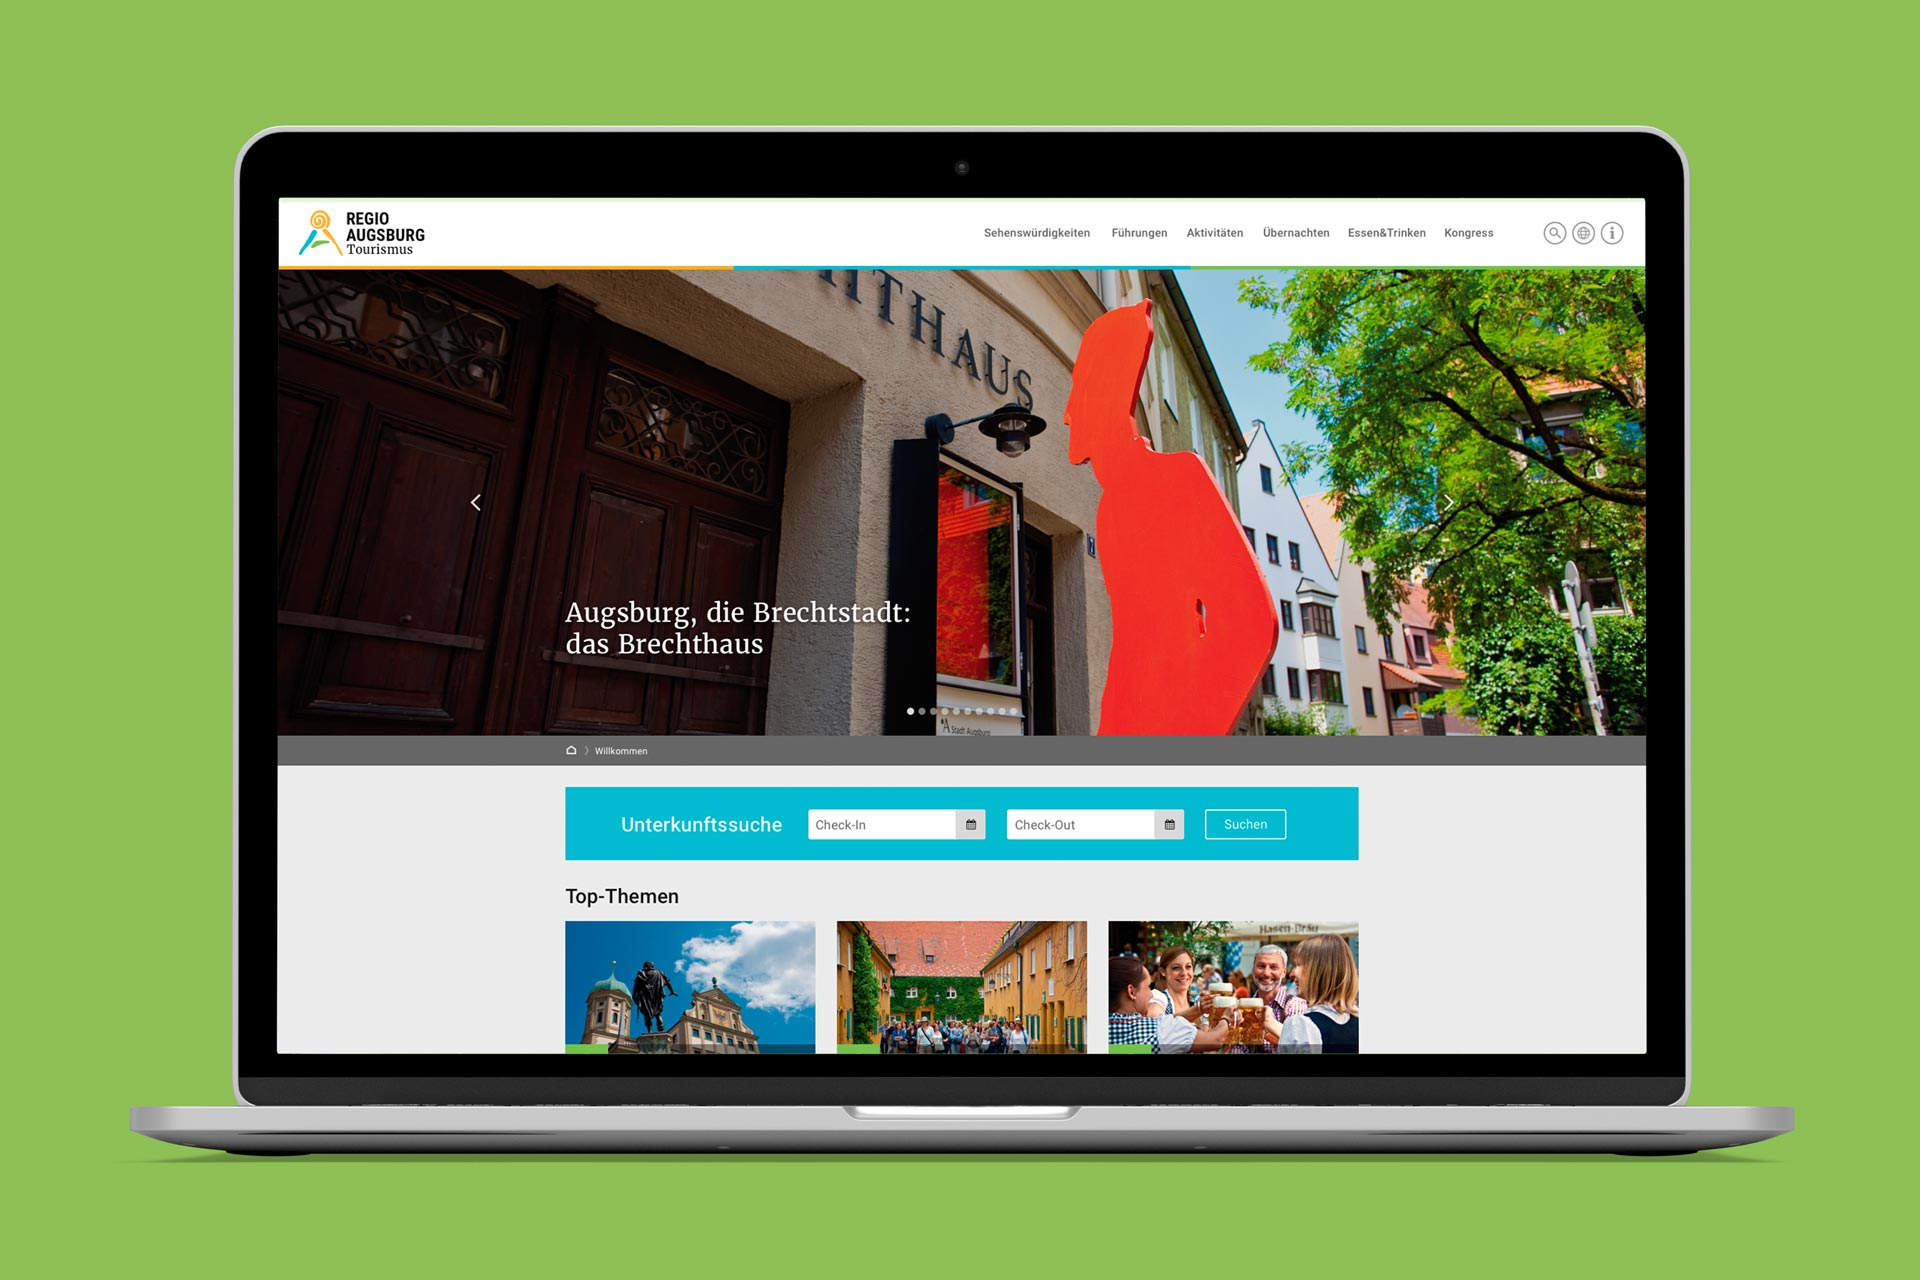 Website: www.augsburg-tourismus.de